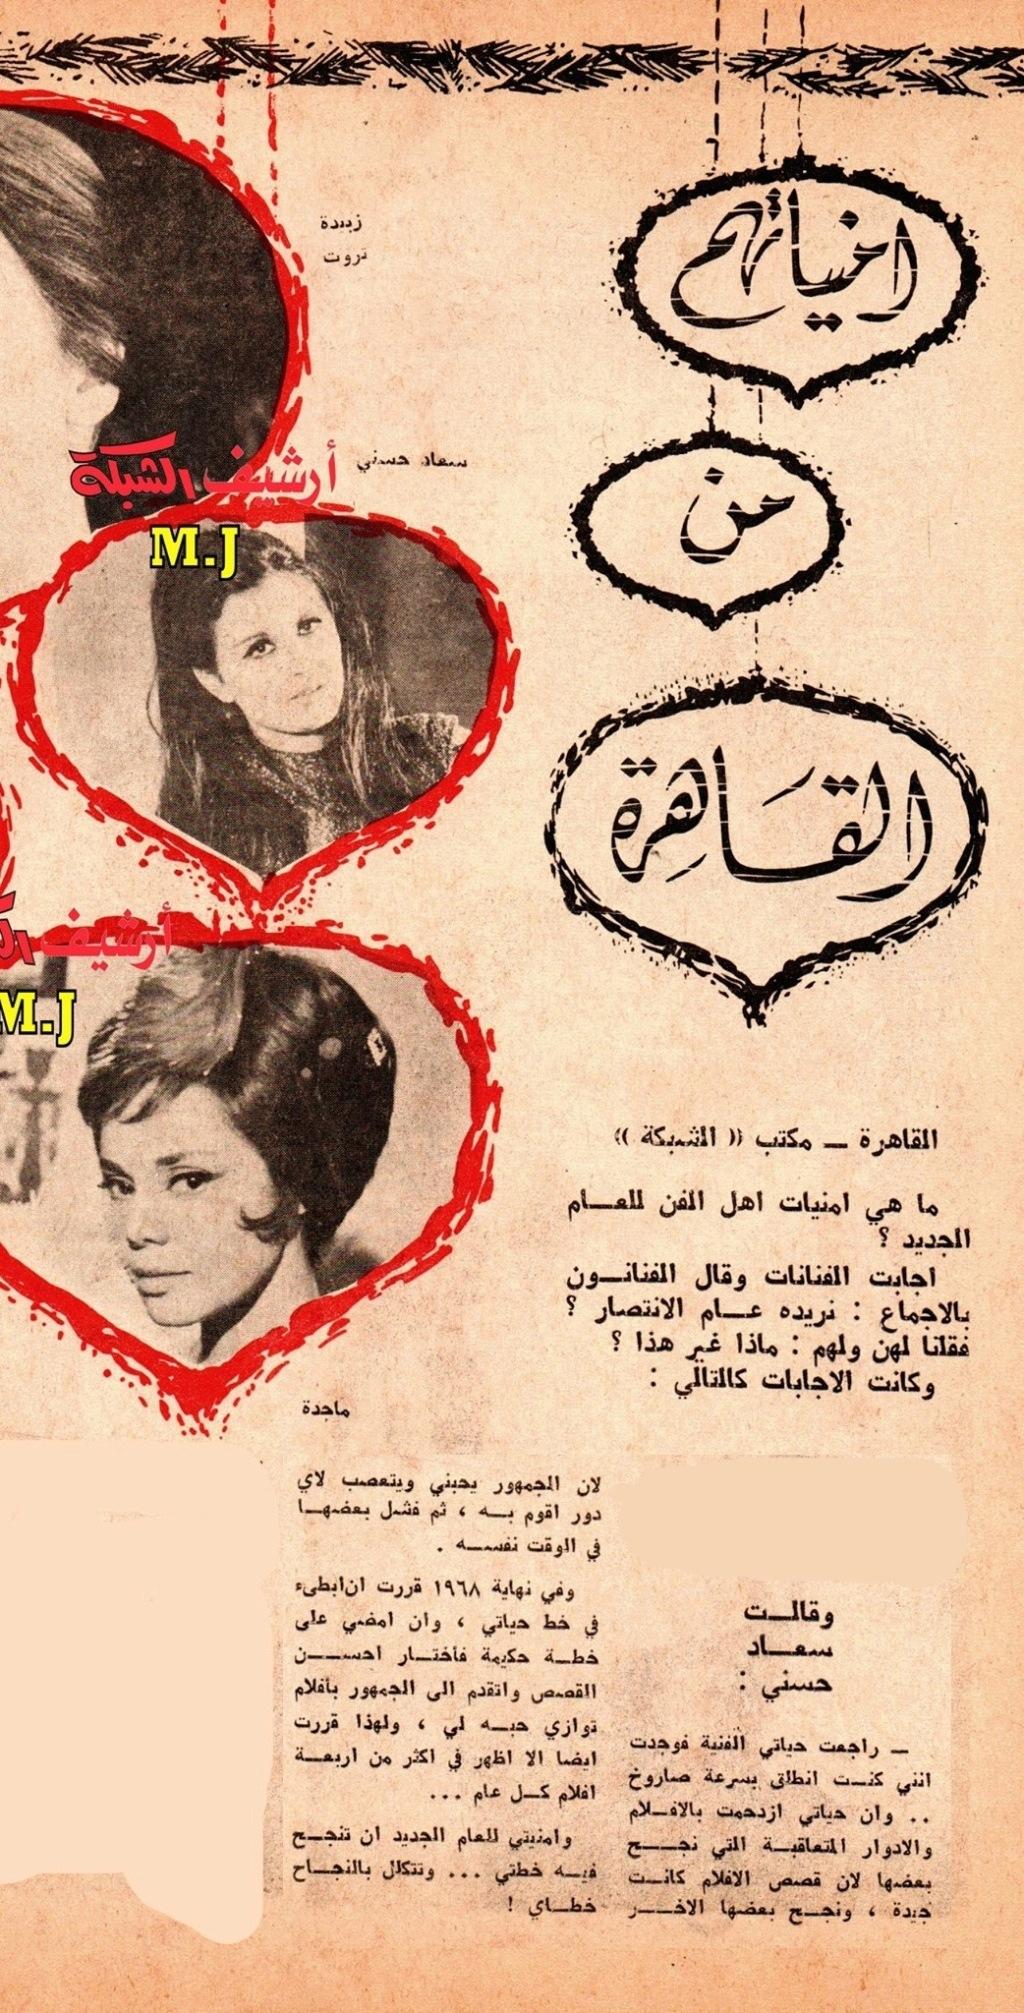 حوار صحفي : امنياتهم من القاهرة .. سعاد حسني 1968 م Aaooa_10